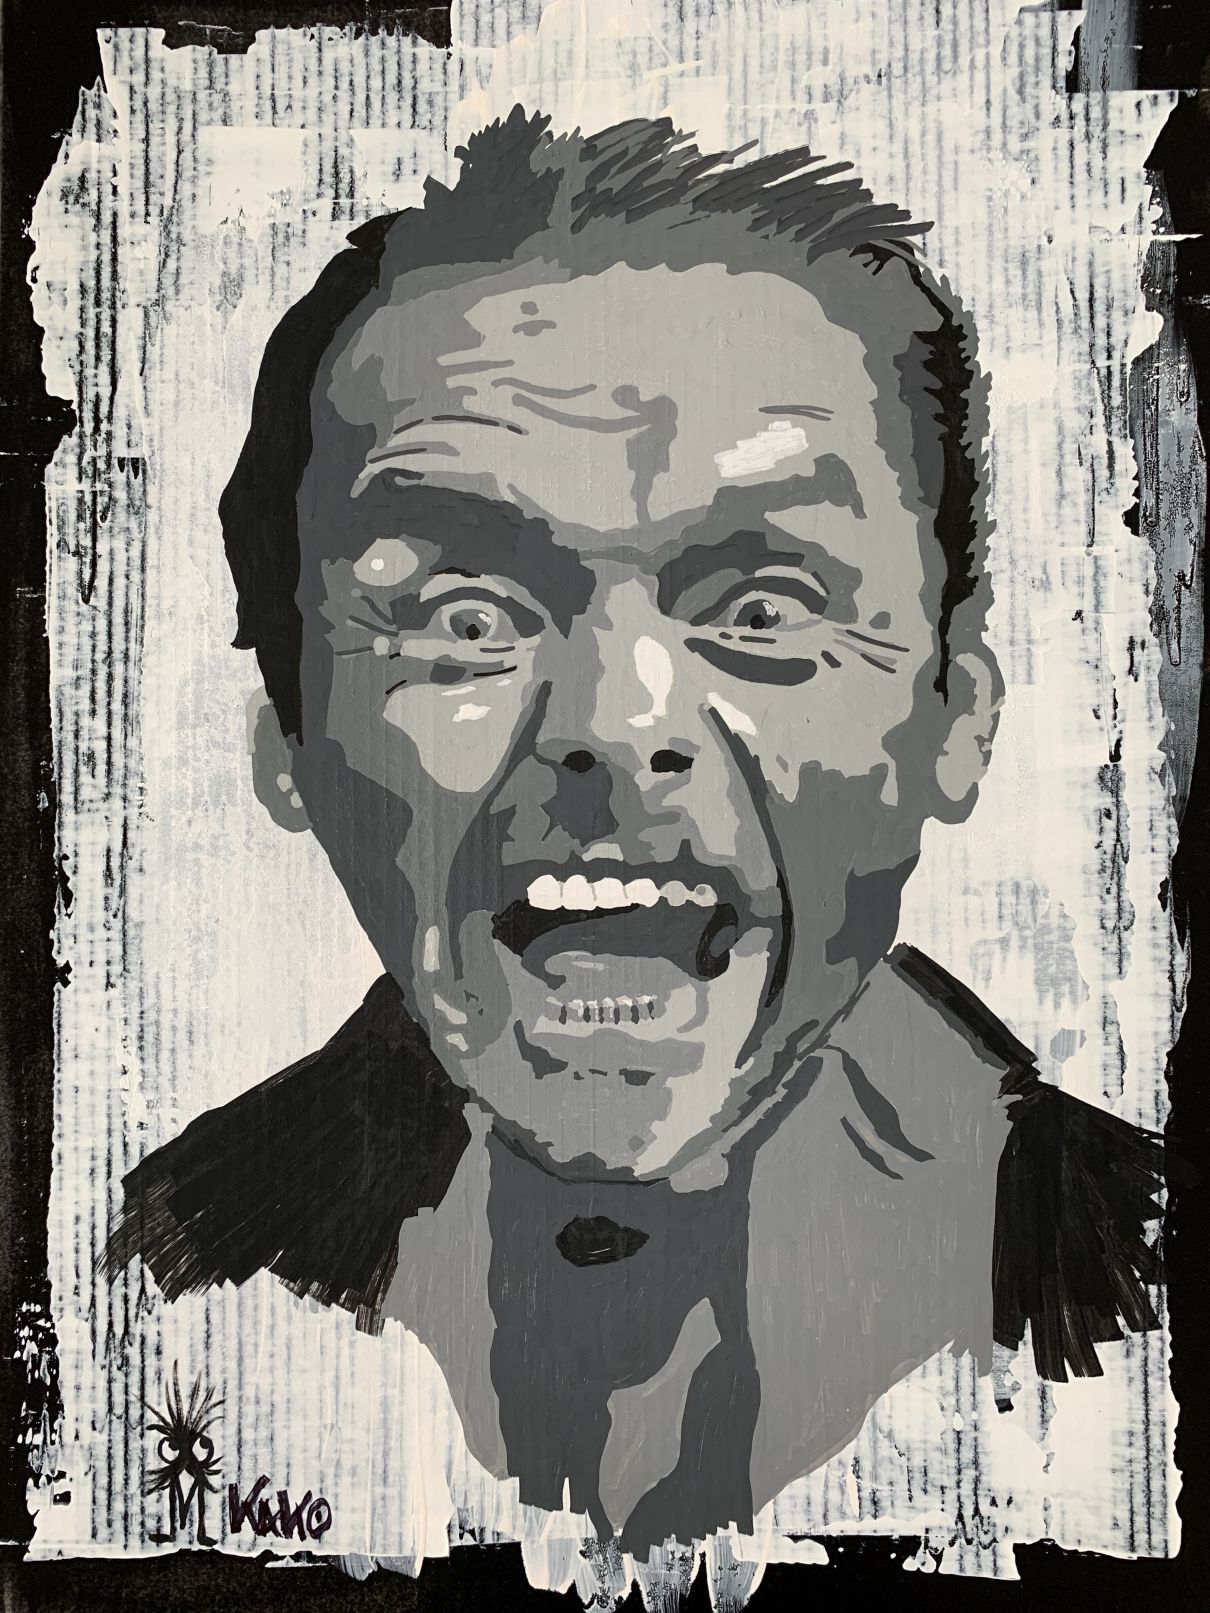 Panic (2020) - Kako Street Art